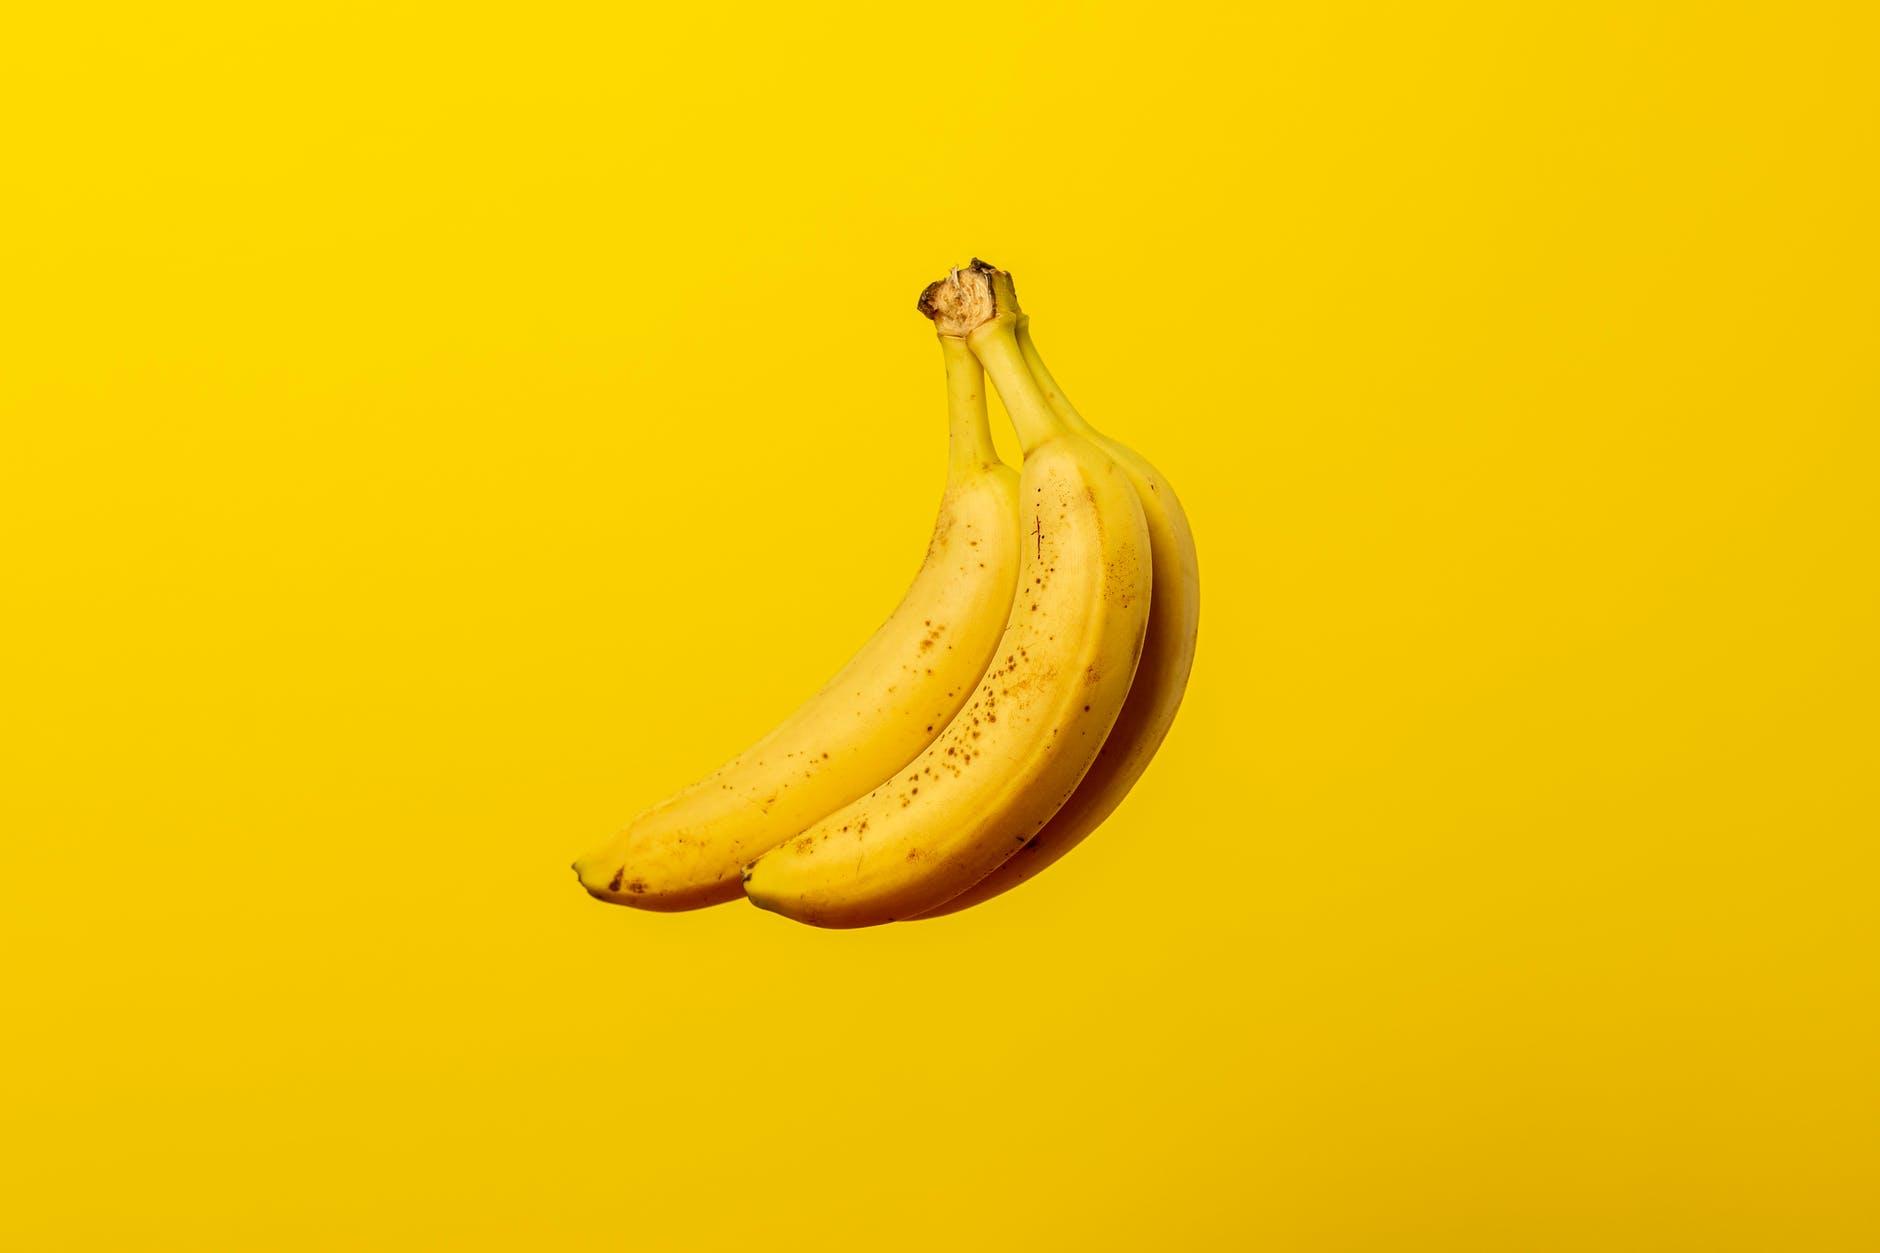 Buah pisang dikenal sebagai obat diare alami karena kaya akan kandungan kalium - katalogu.id